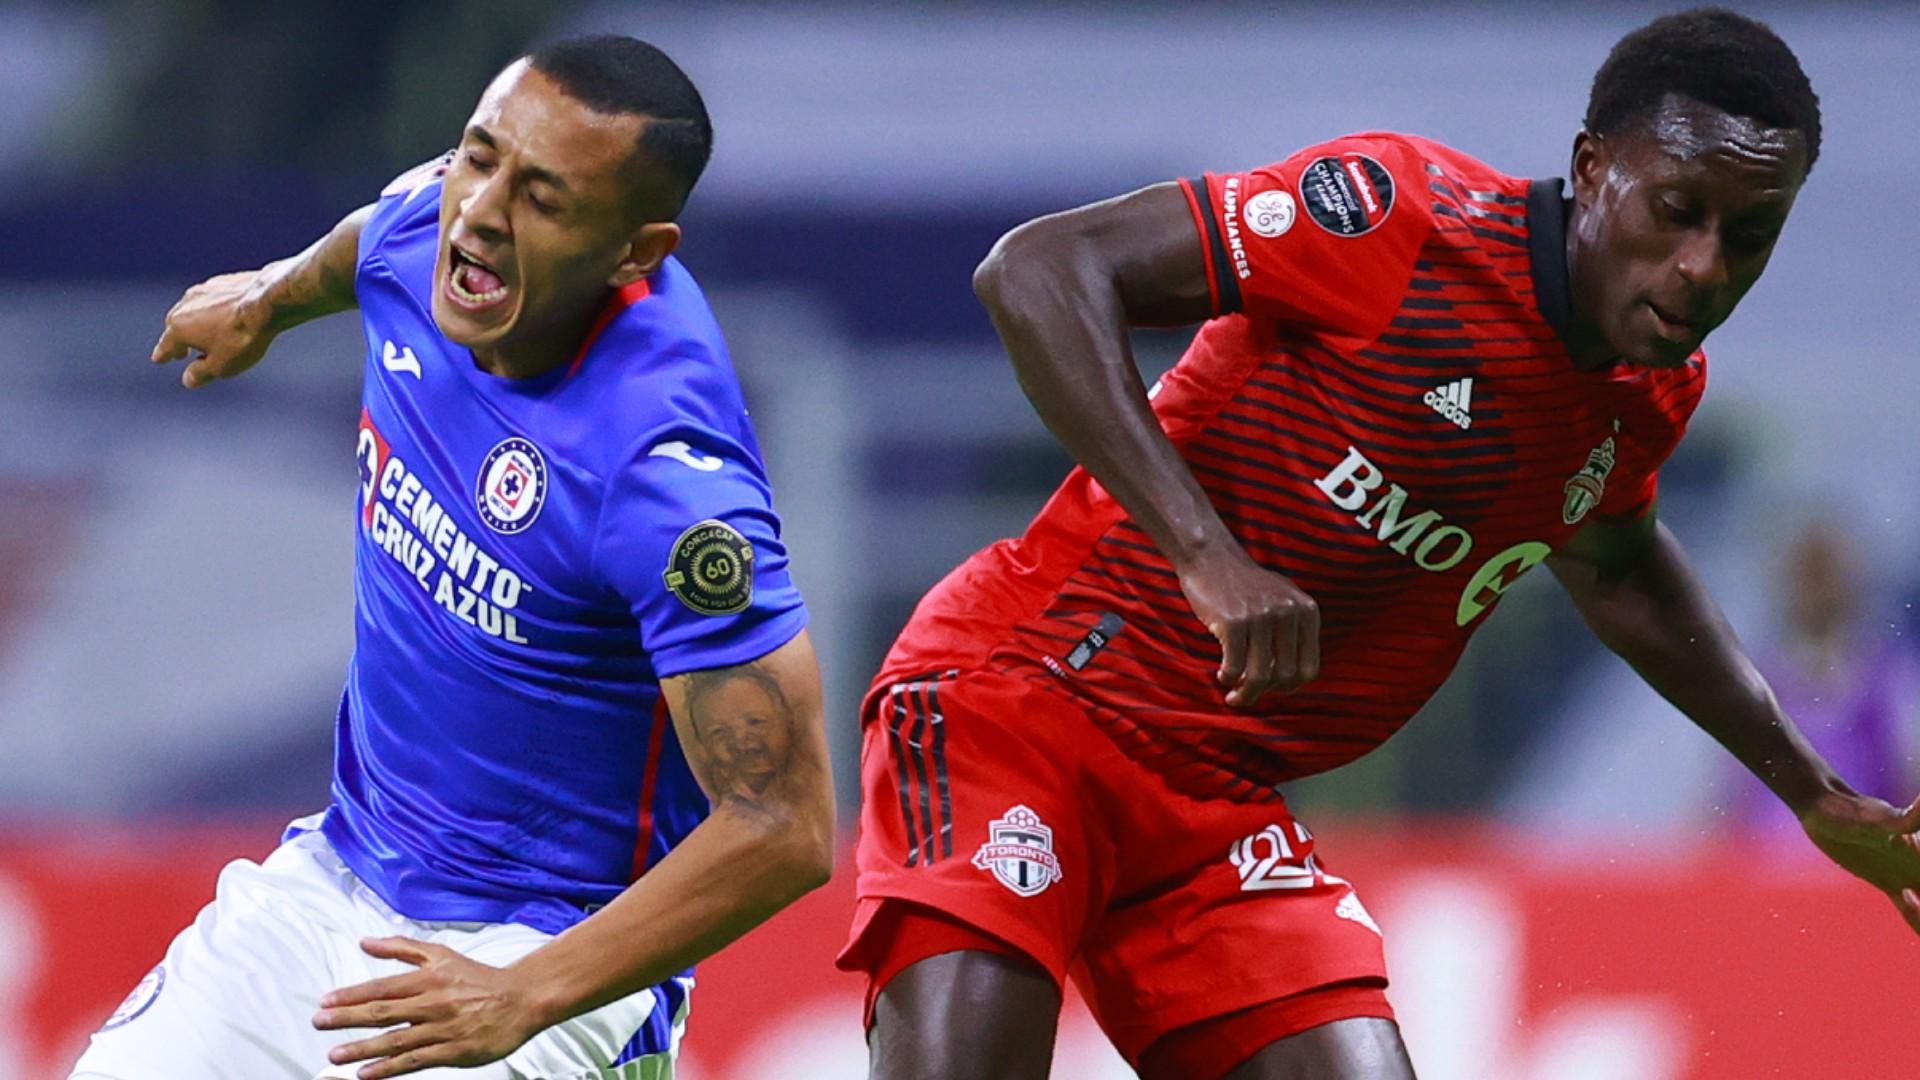 MLS All-Stars will face Liga MX All-Stars on August 25